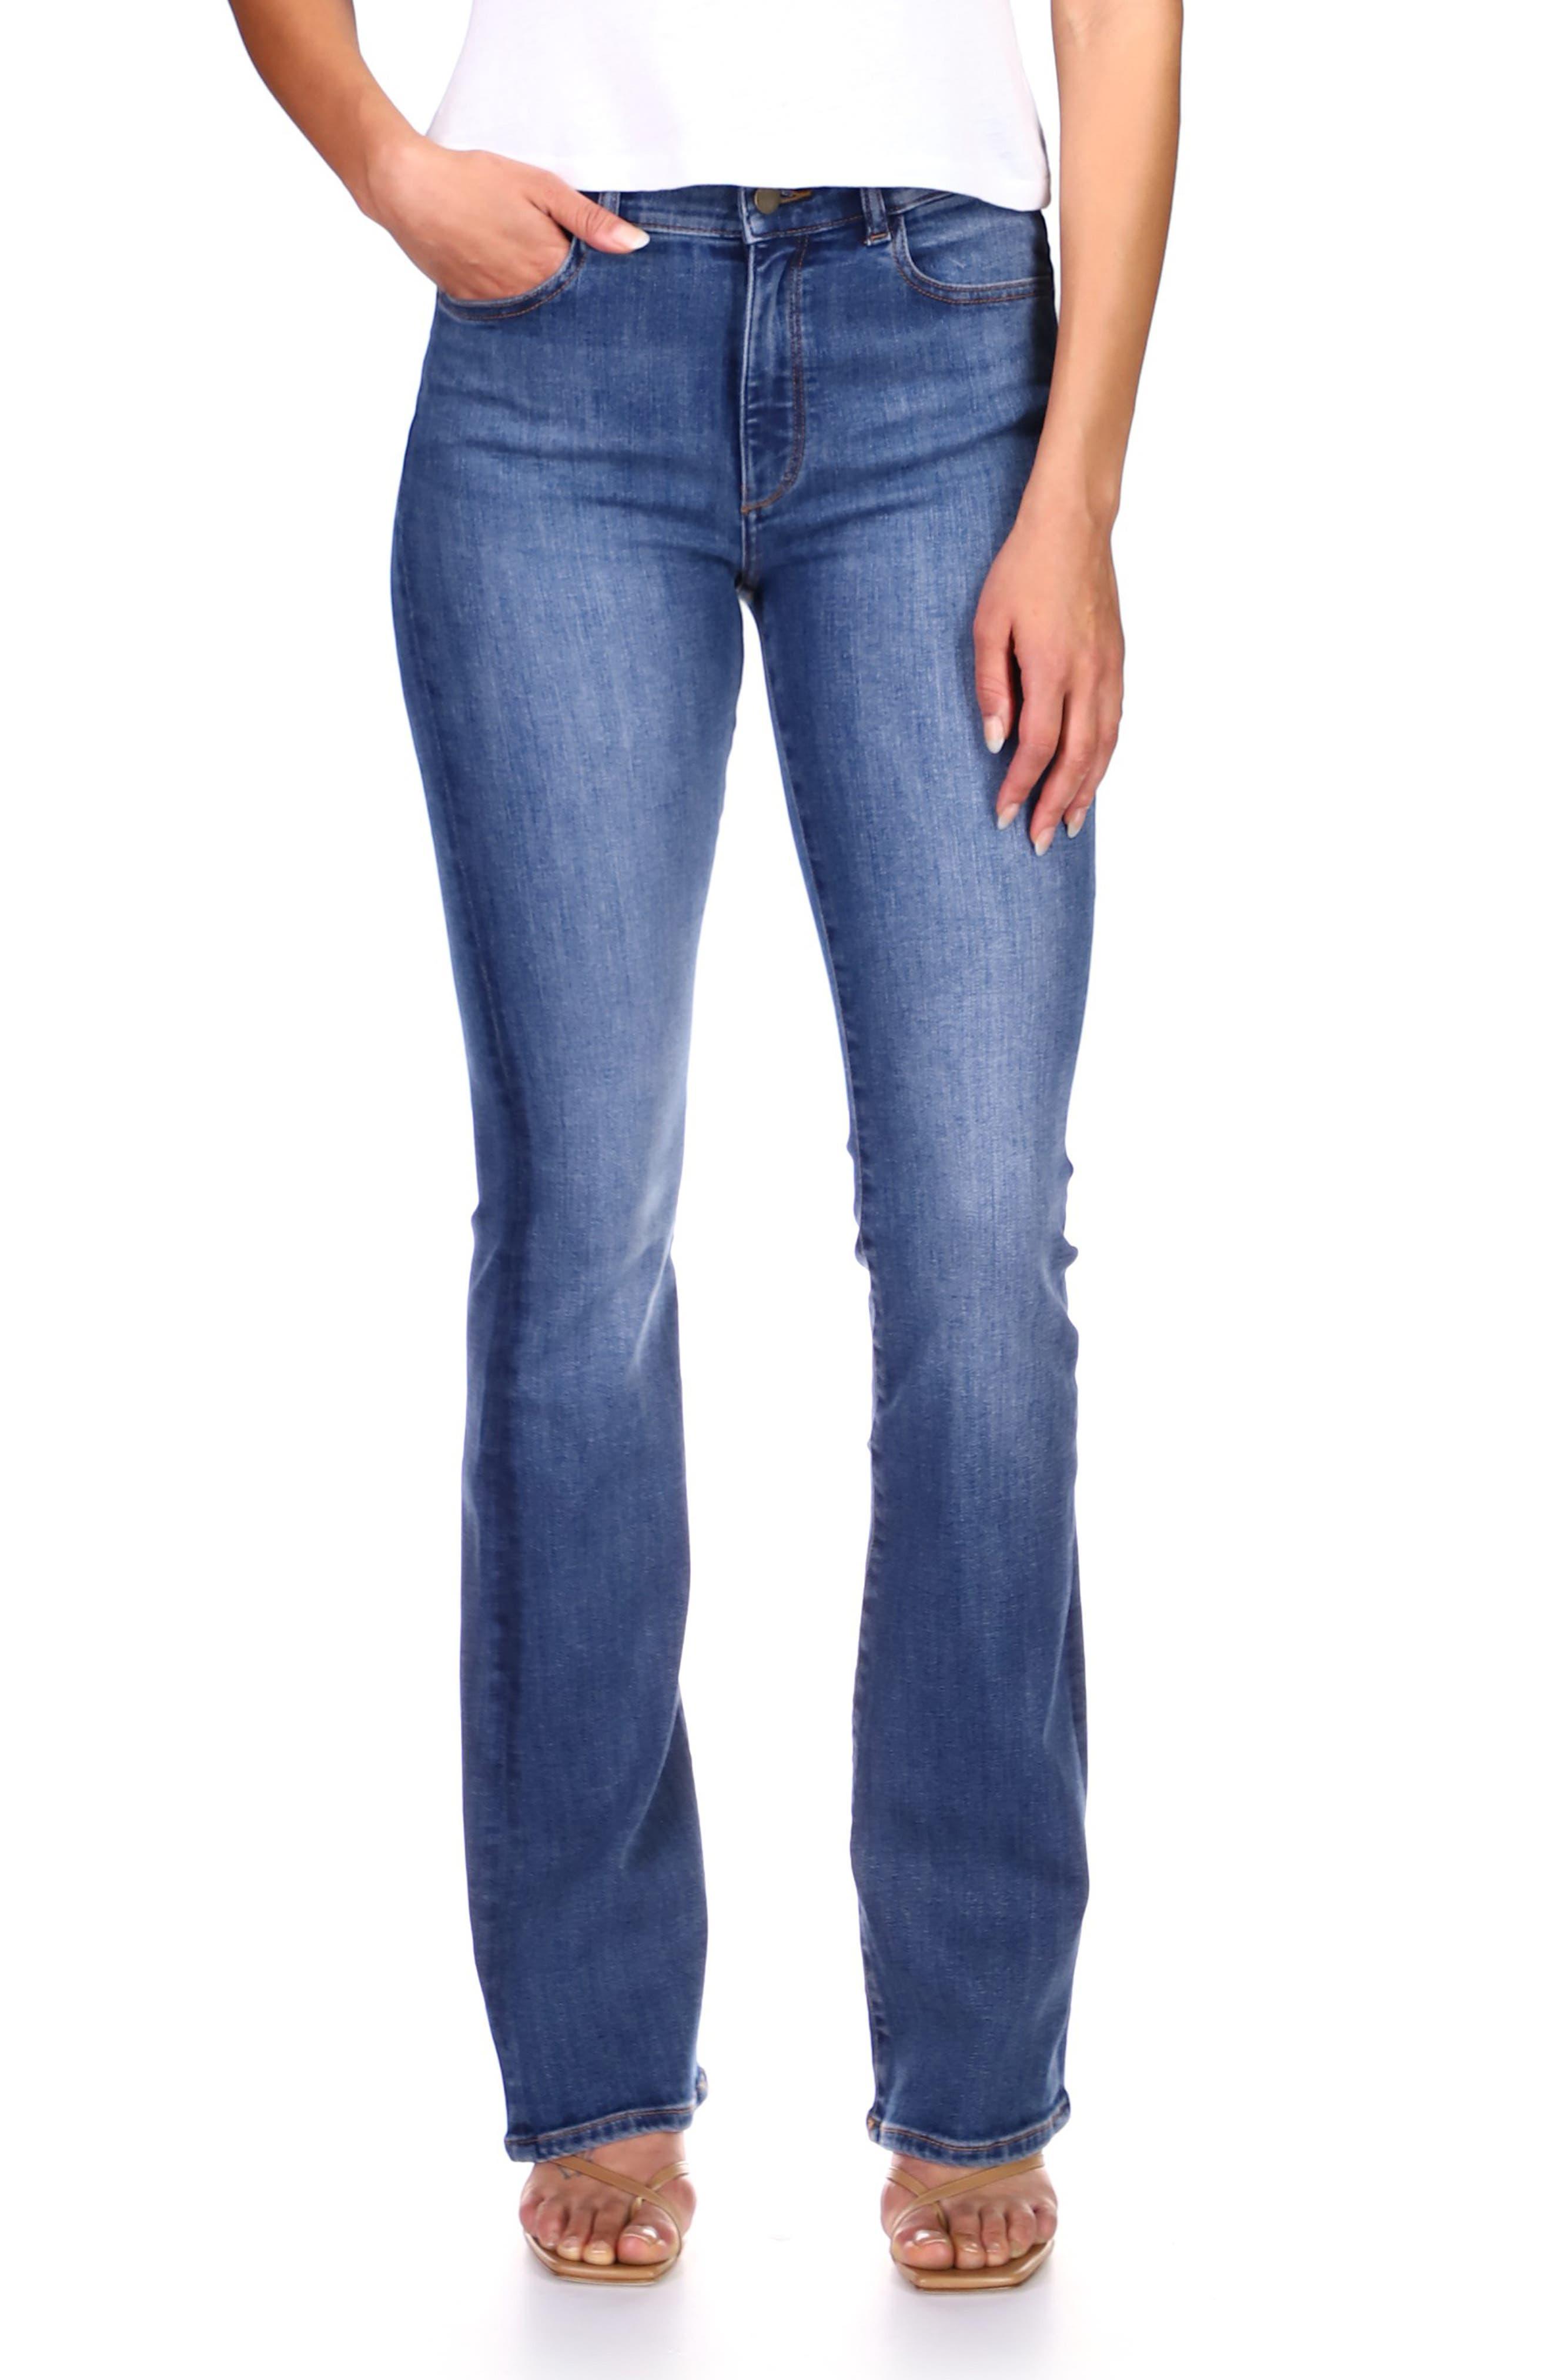 Women's Dl1961 Bridget Instasculpt High Waist Bootcut Jeans